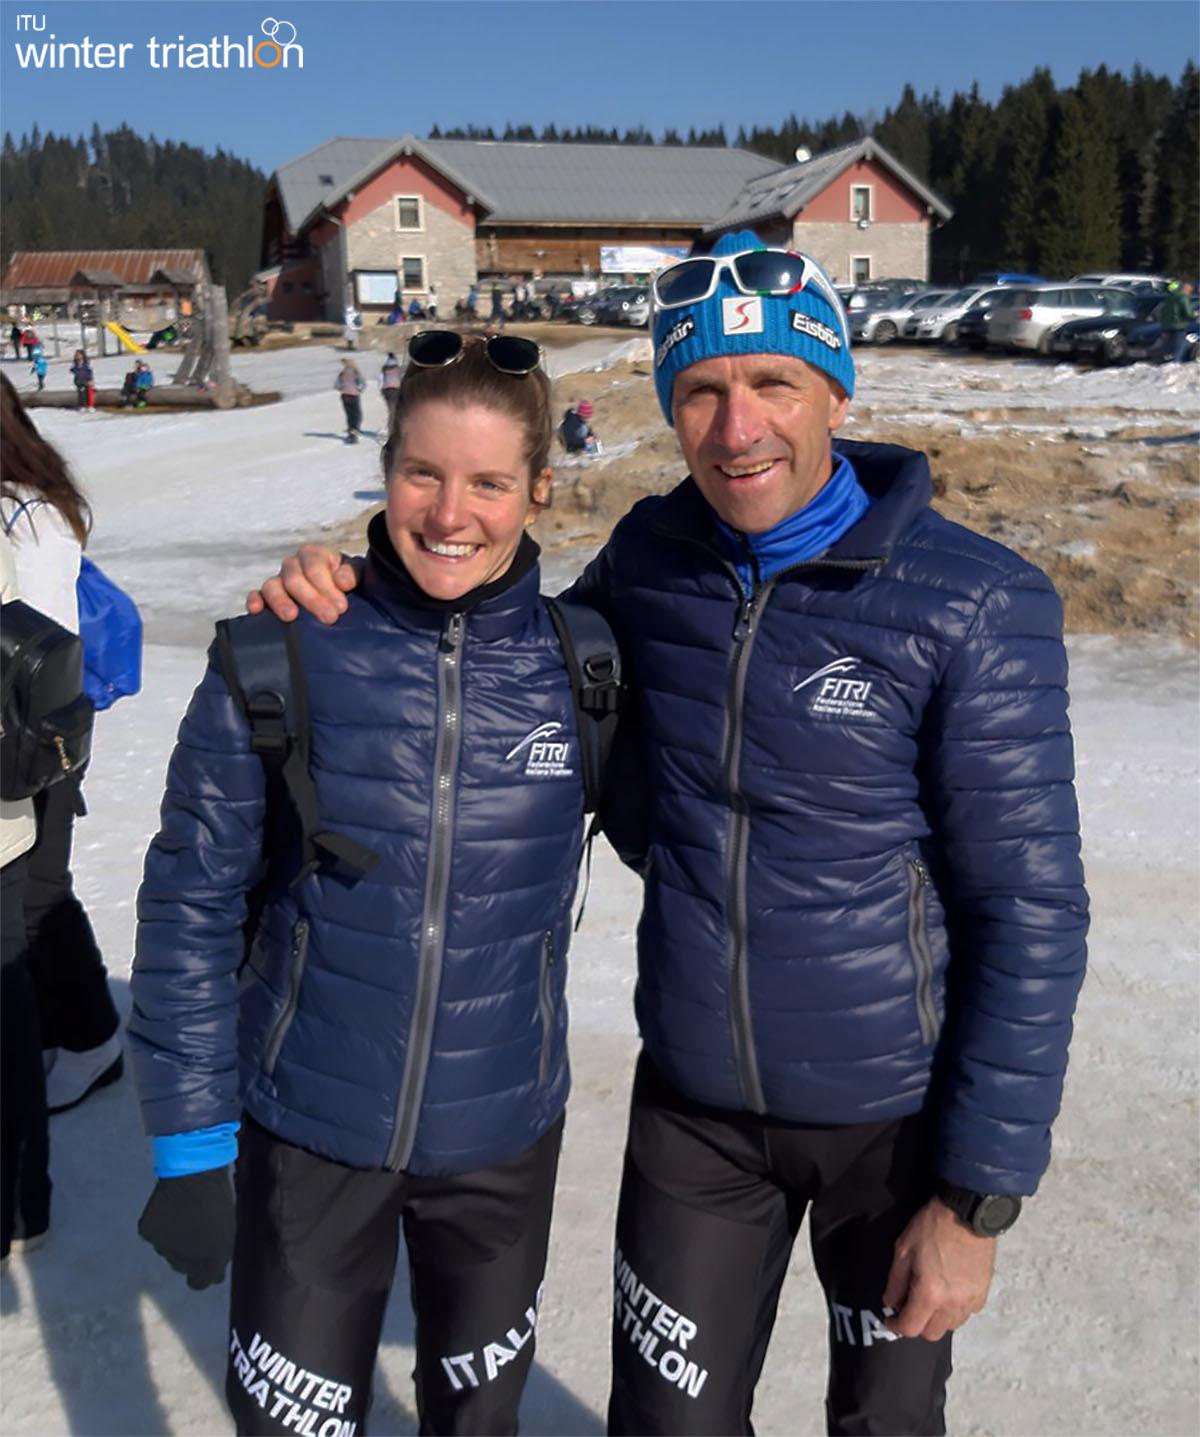 Il CT della nazionale Marco Bethaz con Sandra Mairhofer